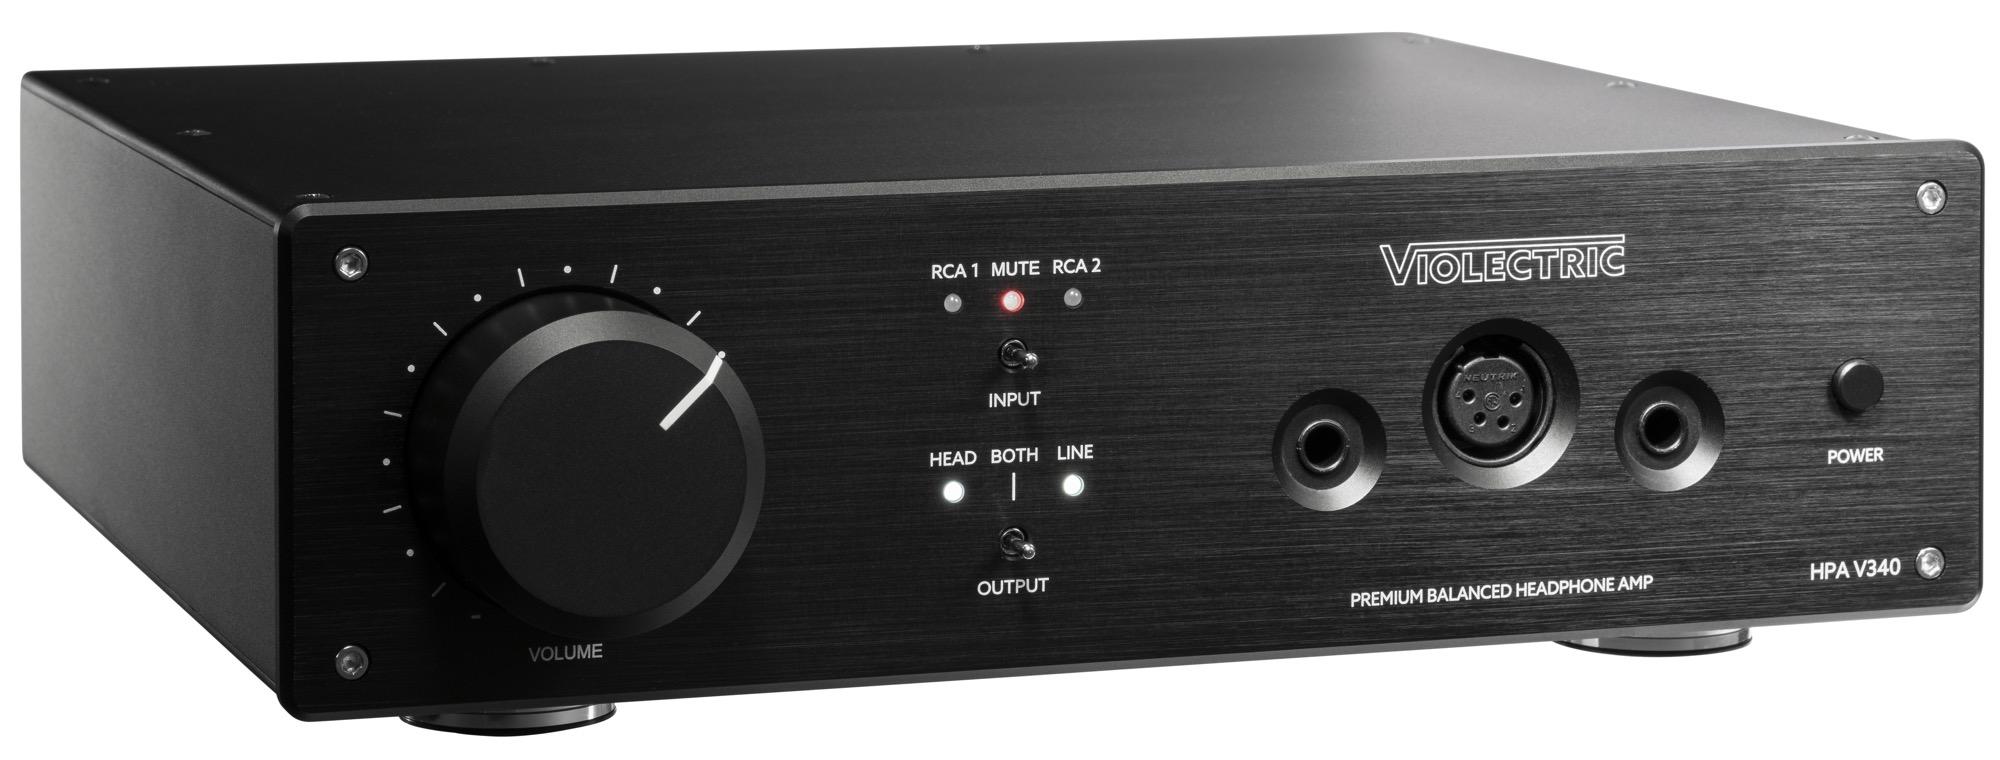 Violectric HPA V340 bietet exzellenten Kopfhörer-Klang in bester Manufaktur-Qualität